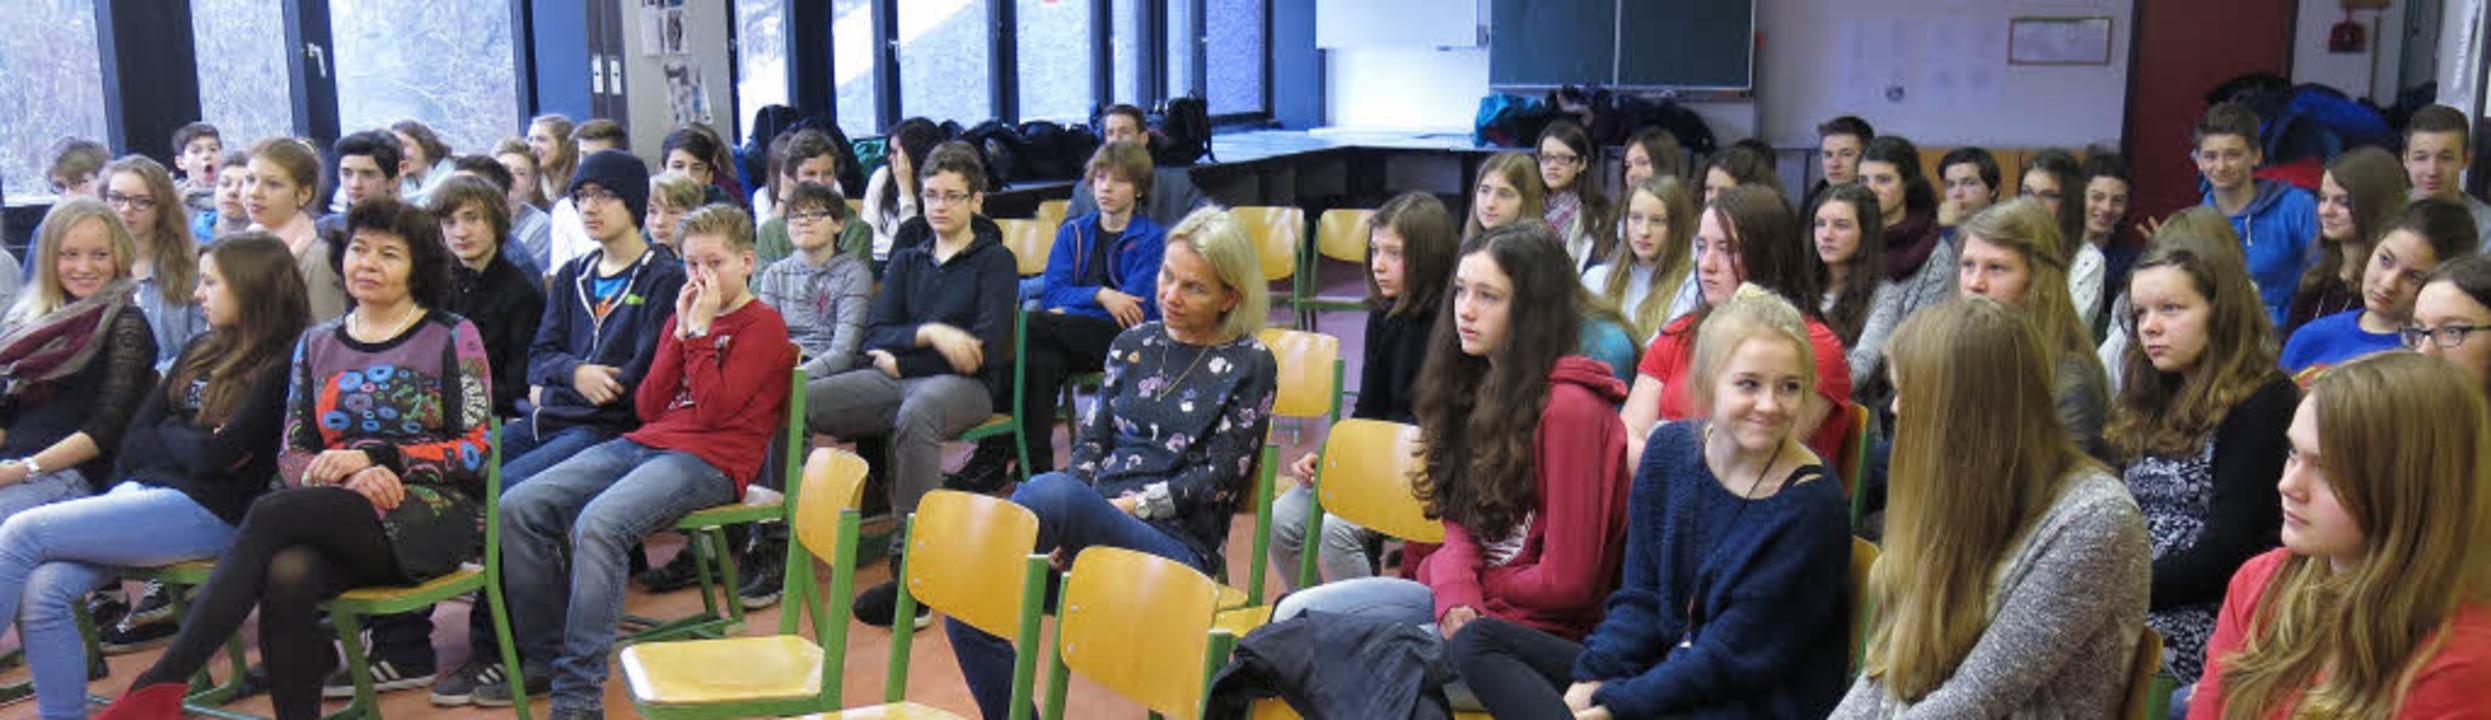 Die Schüler des GGE hören gebannt zu    Foto: Georg Voß